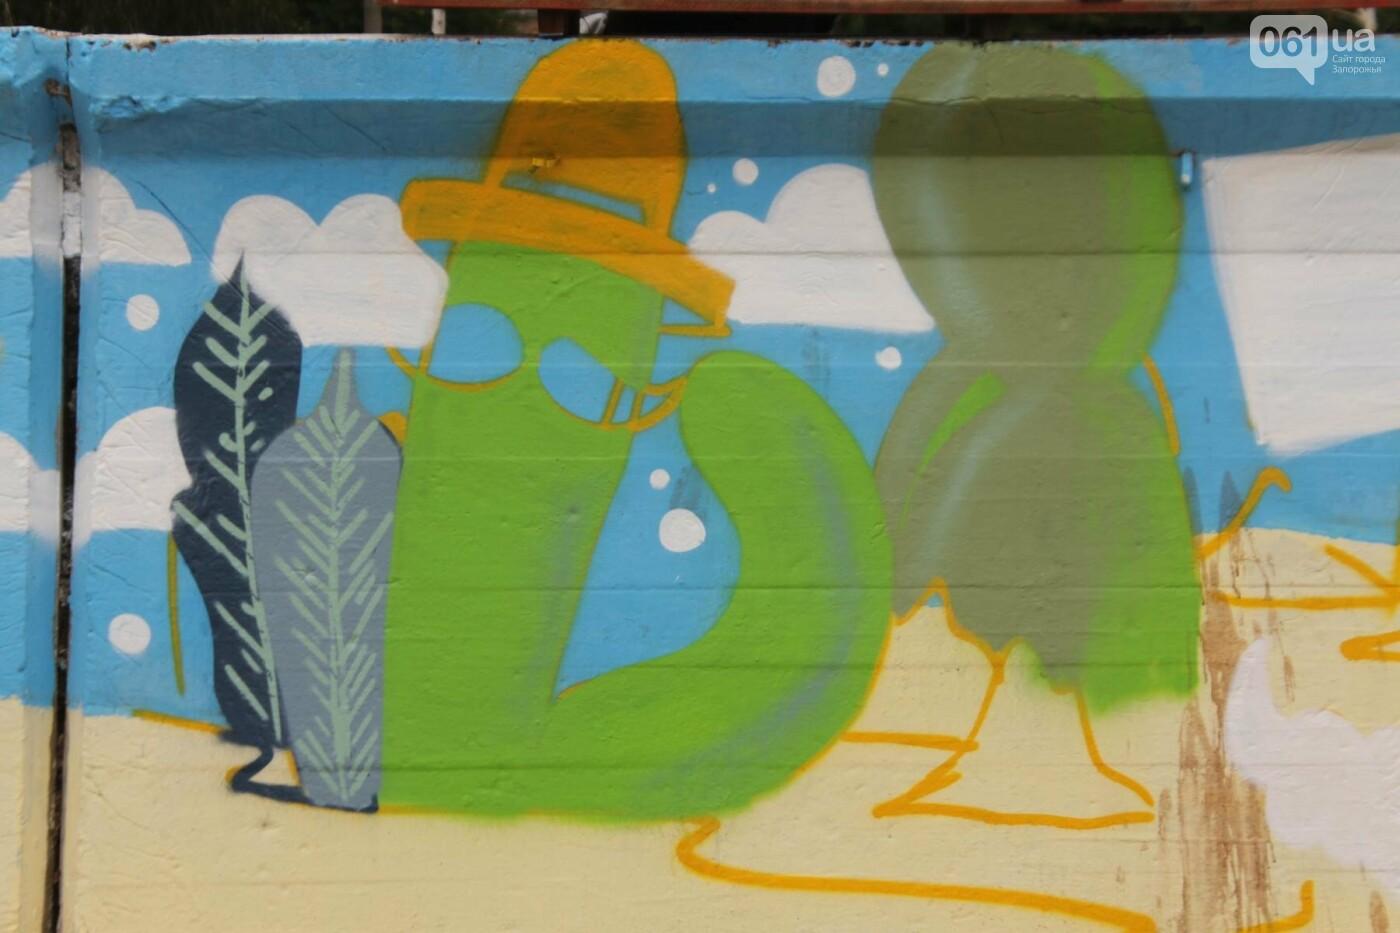 В Запорожье на пляже закончился фестиваль граффити: разрисовали 150 метров бетонной стены, – ФОТОРЕПОРТАЖ, фото-27